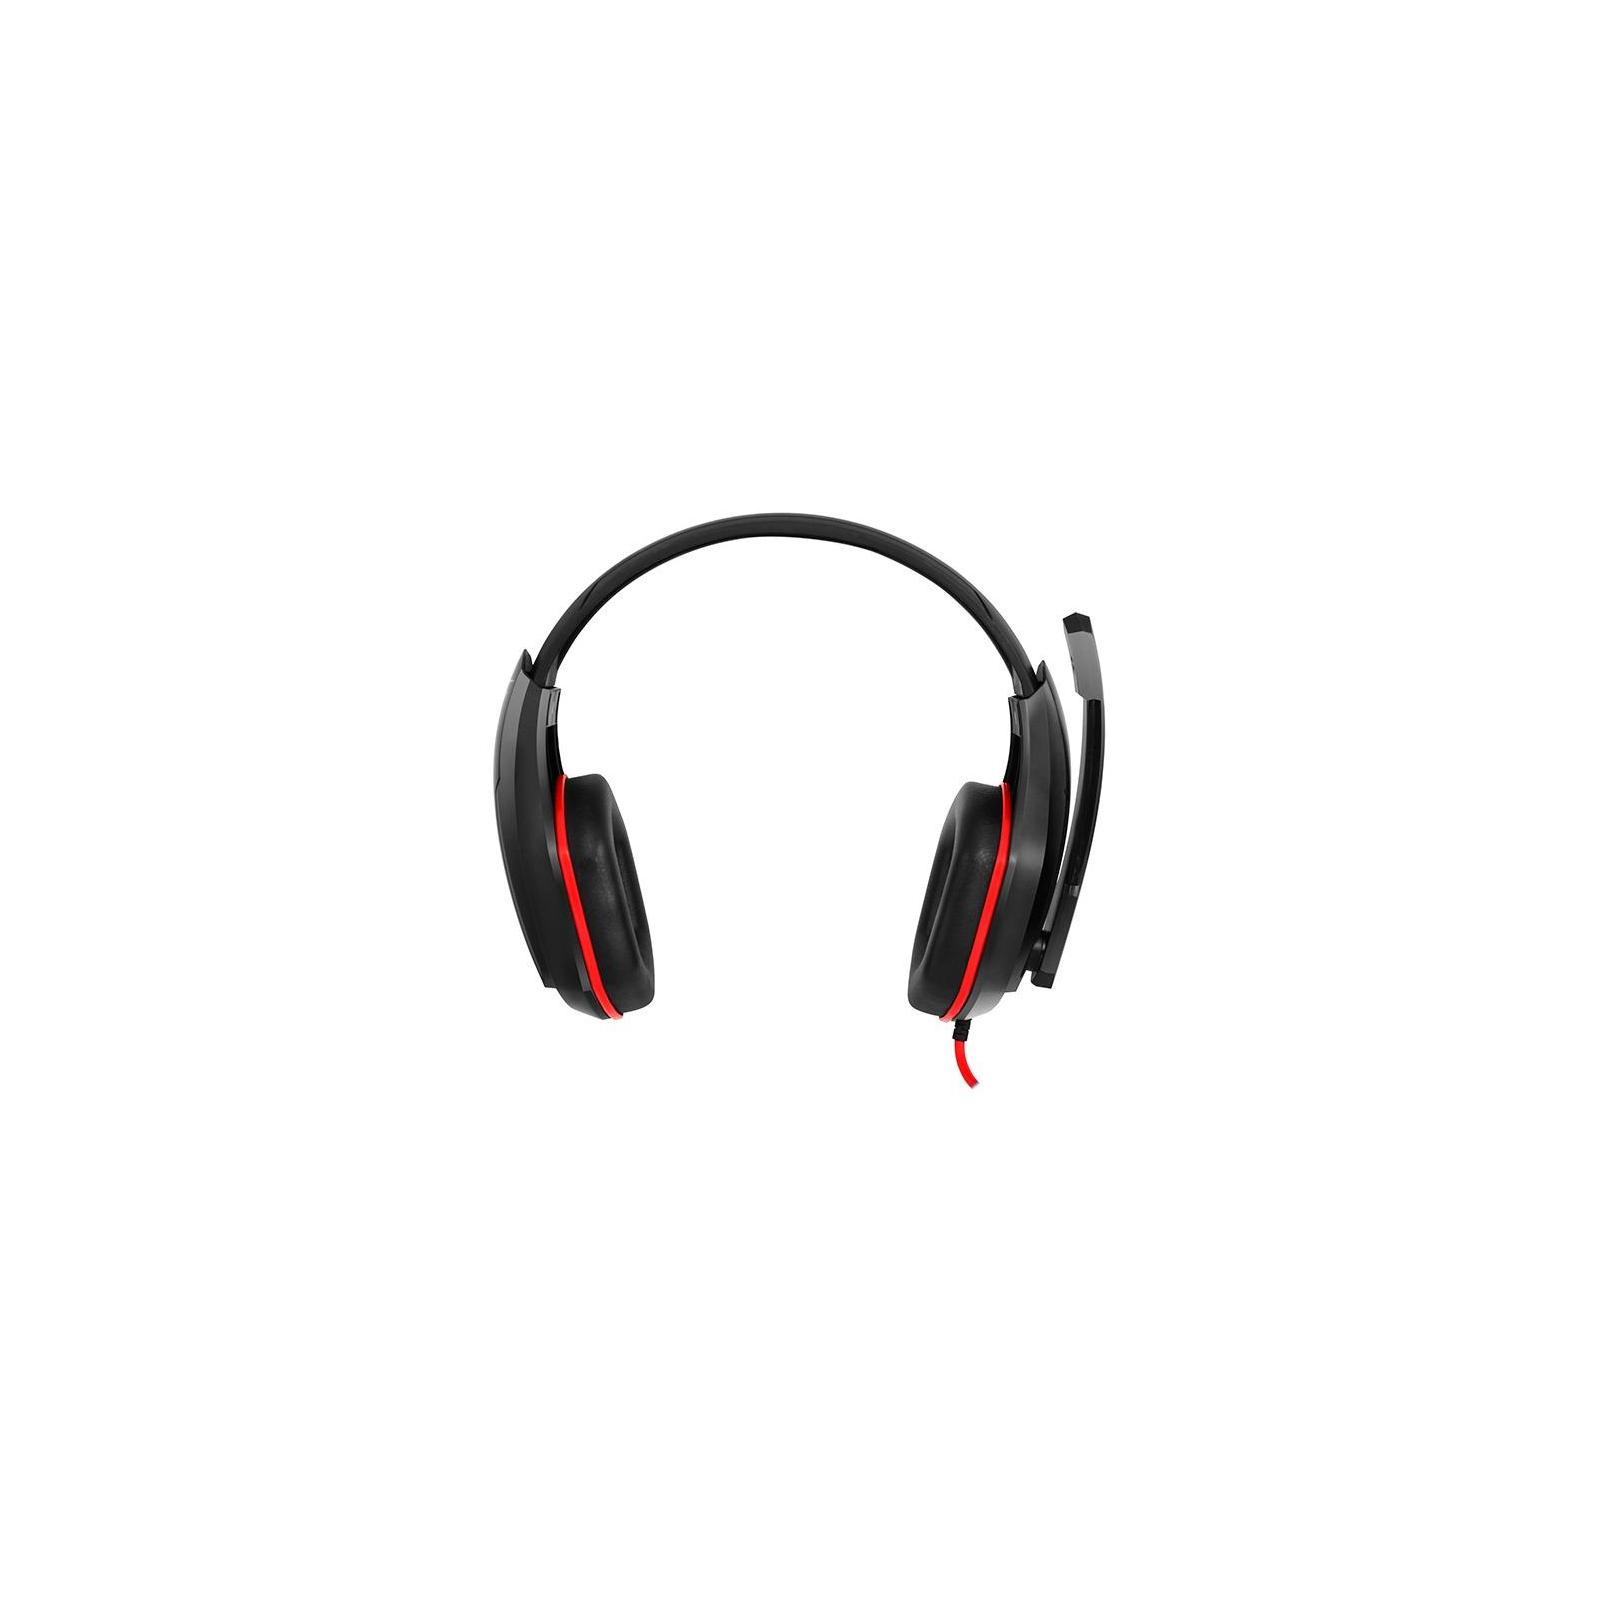 Наушники GEMIX X-340 black-red изображение 4